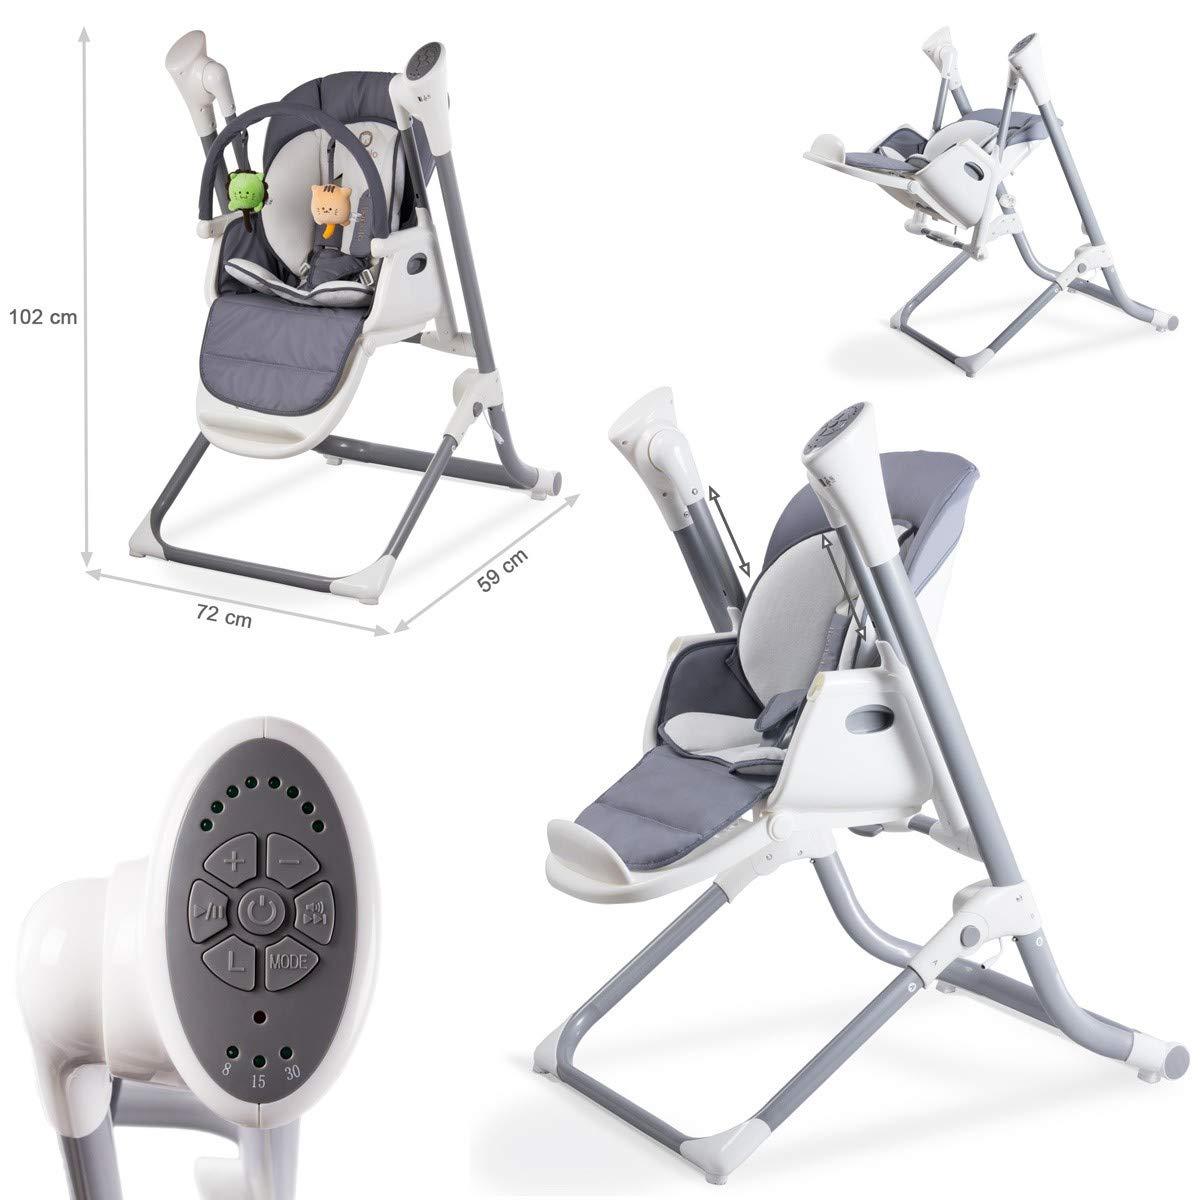 TERO-761 2in1 Babyhochstuhl Elektrische Babyschaukel Indigo grau